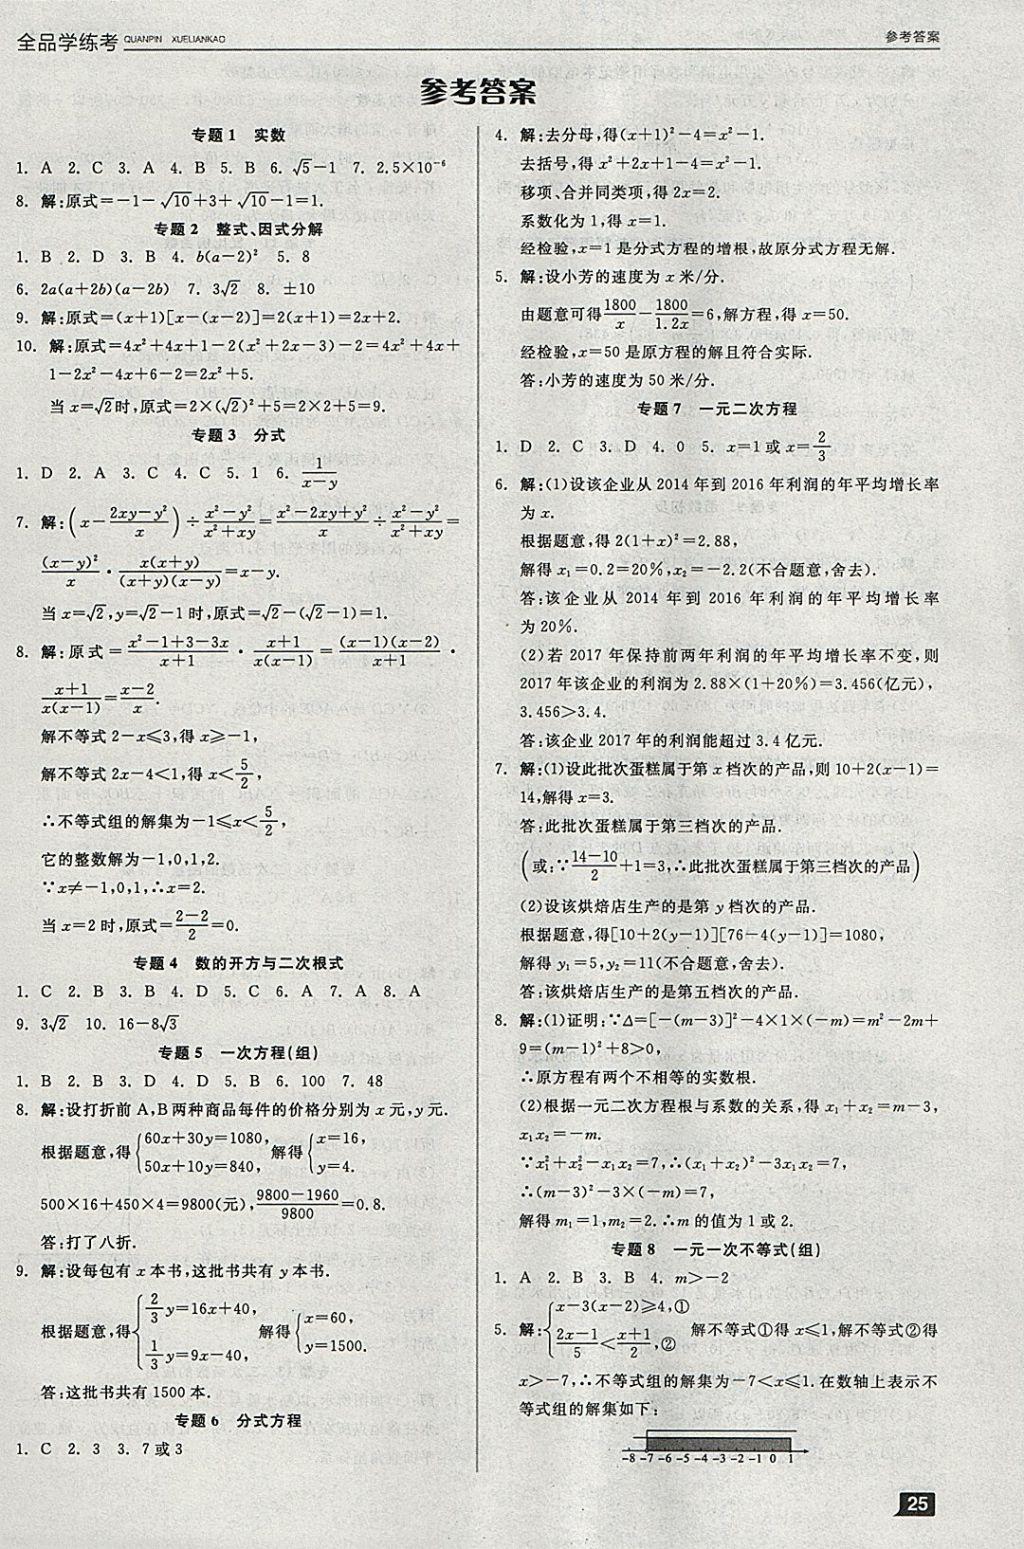 2018年全品学练考九年级数学下册人教版参考答案第1页